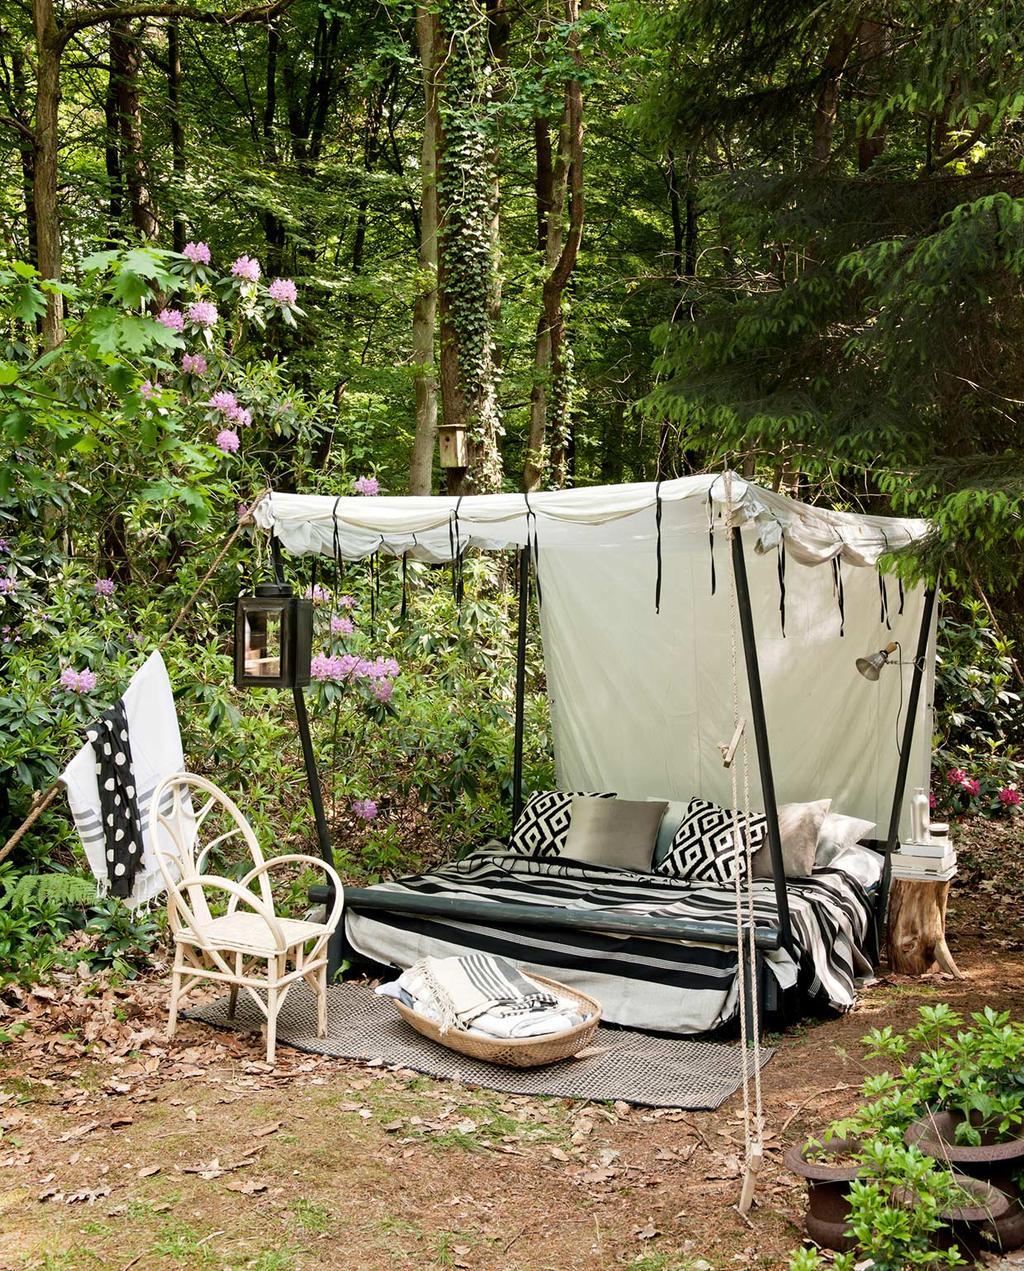 vtwonen special zomerboek 08-2020 | ligbed met een overkapt zonnedoek en gestreepte kussens